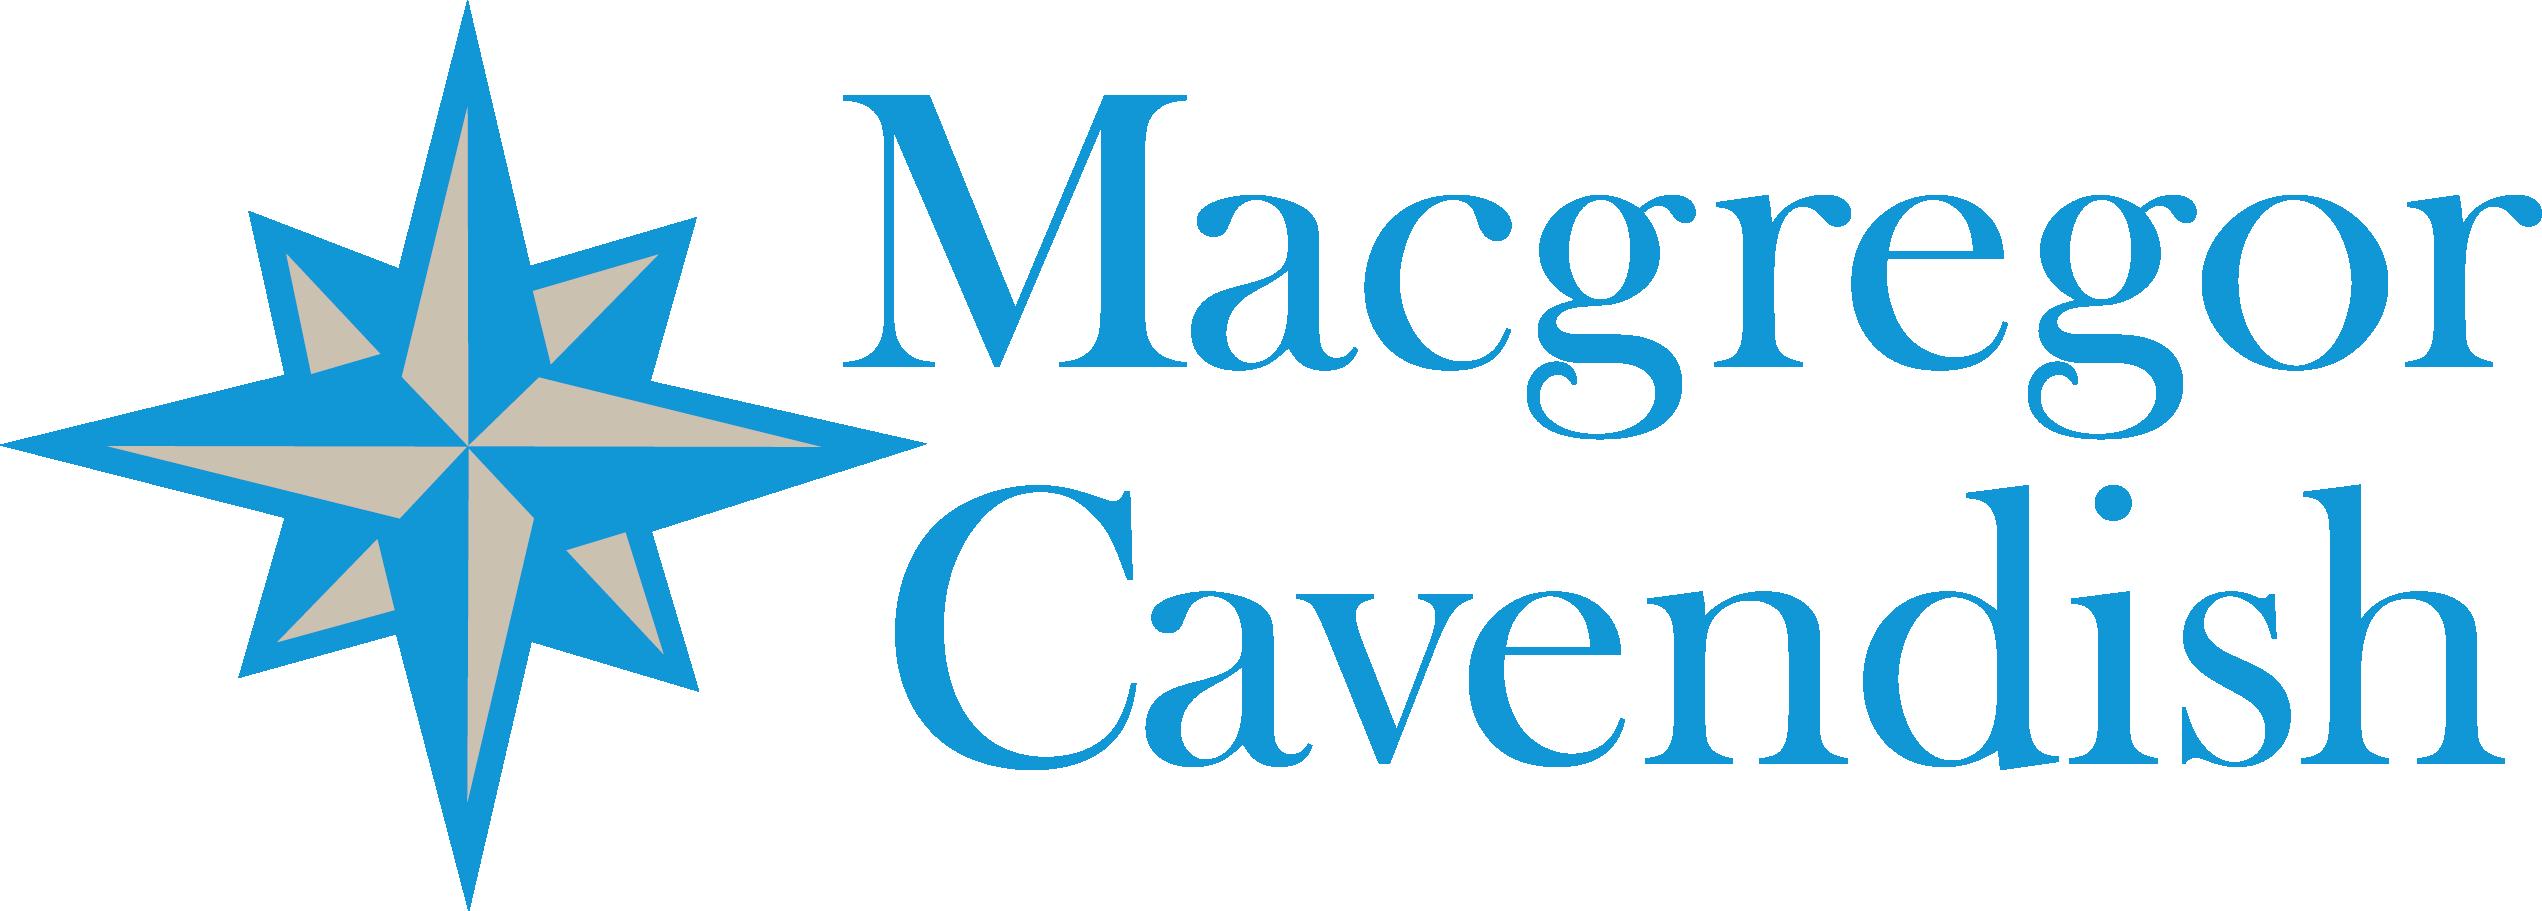 Macgregor Cavendish